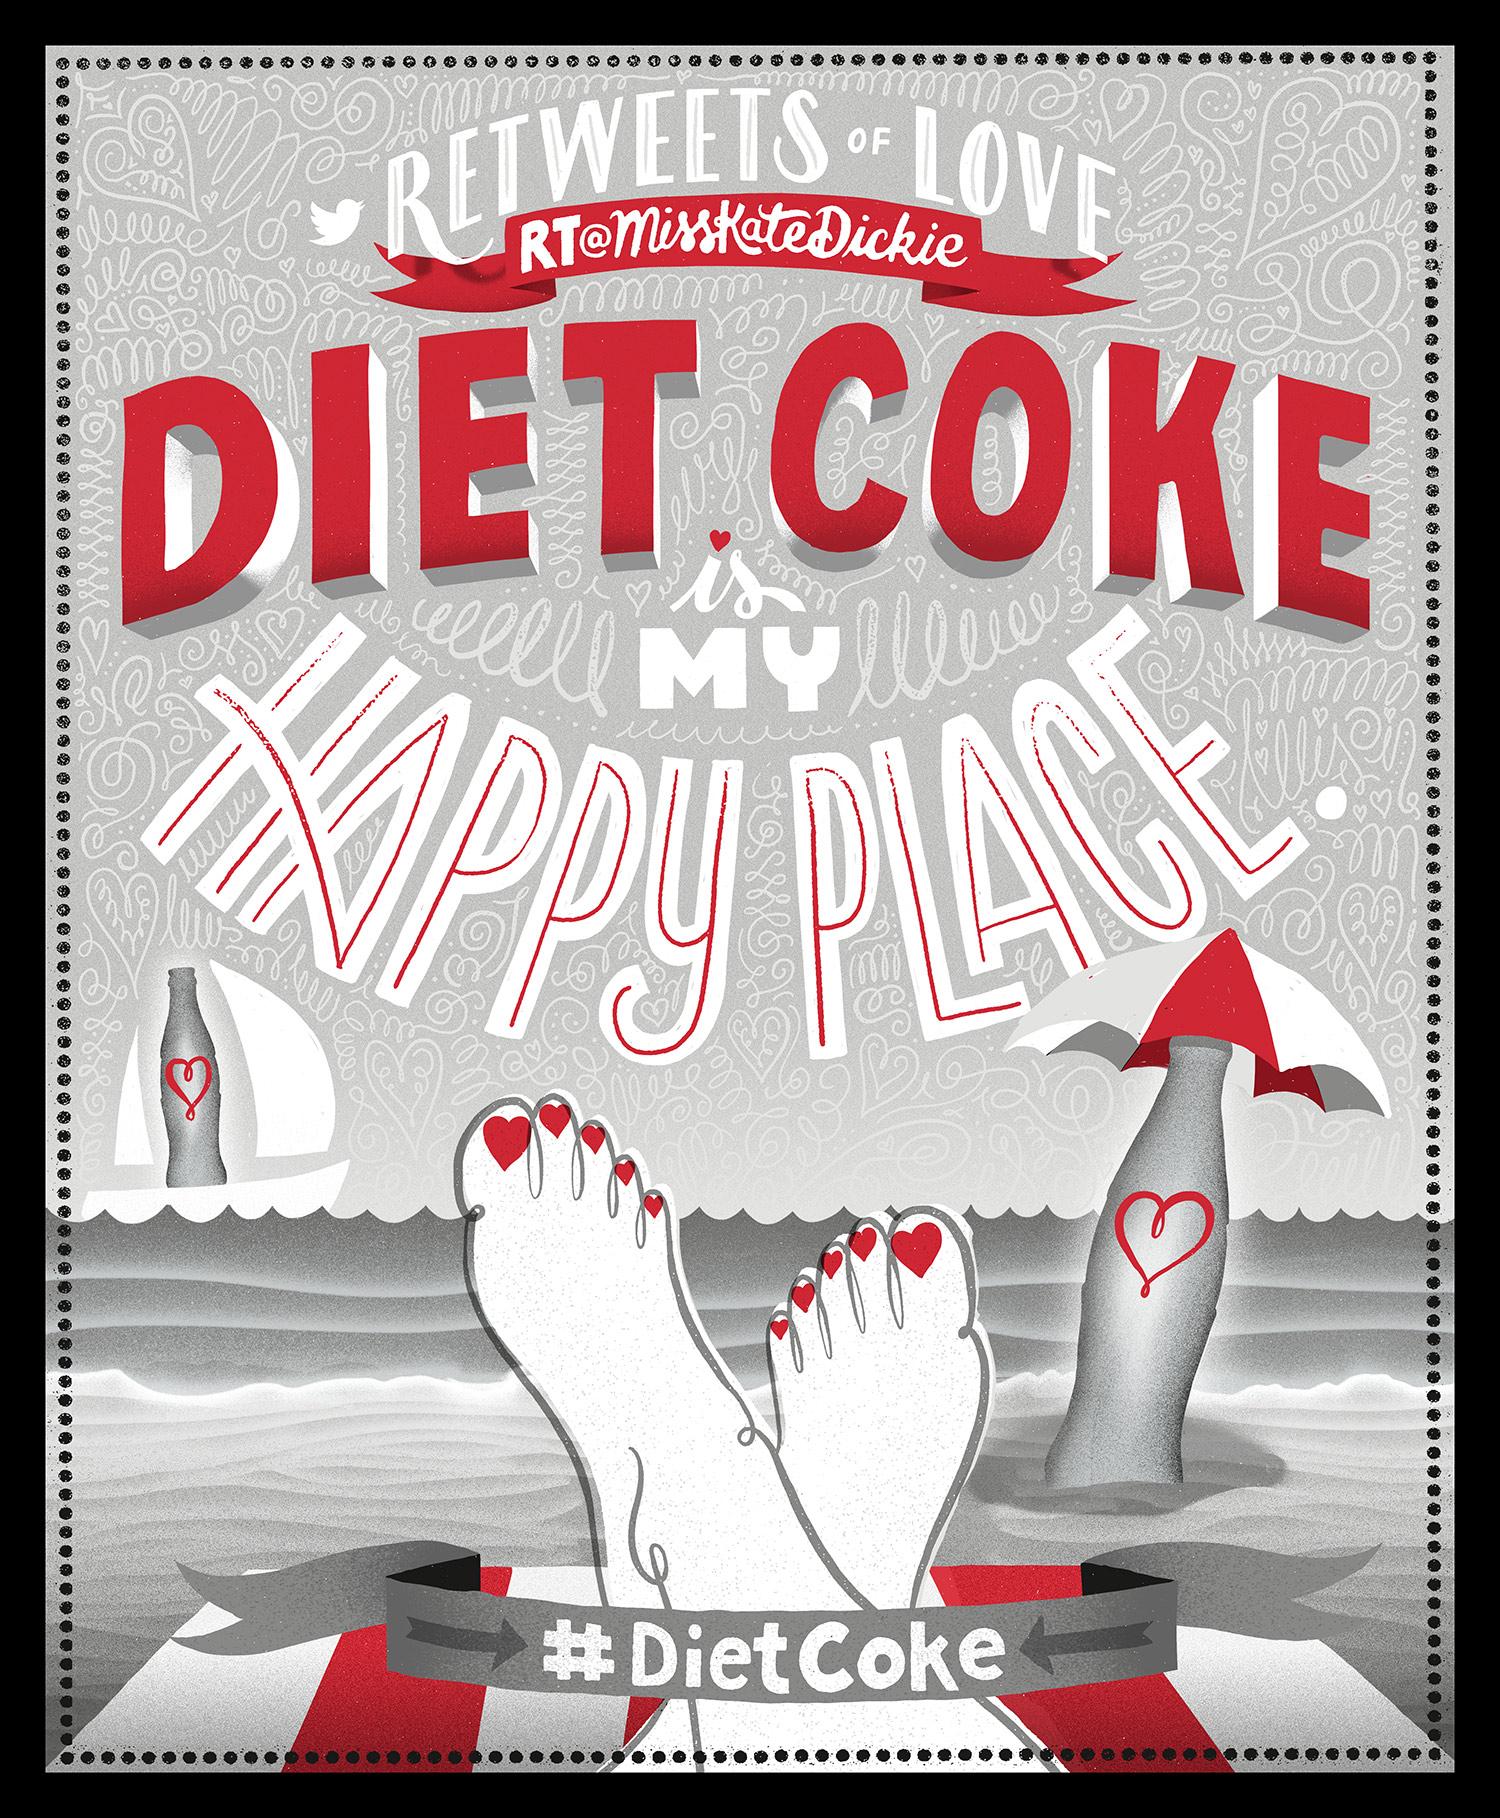 dietcoke-poster_fin